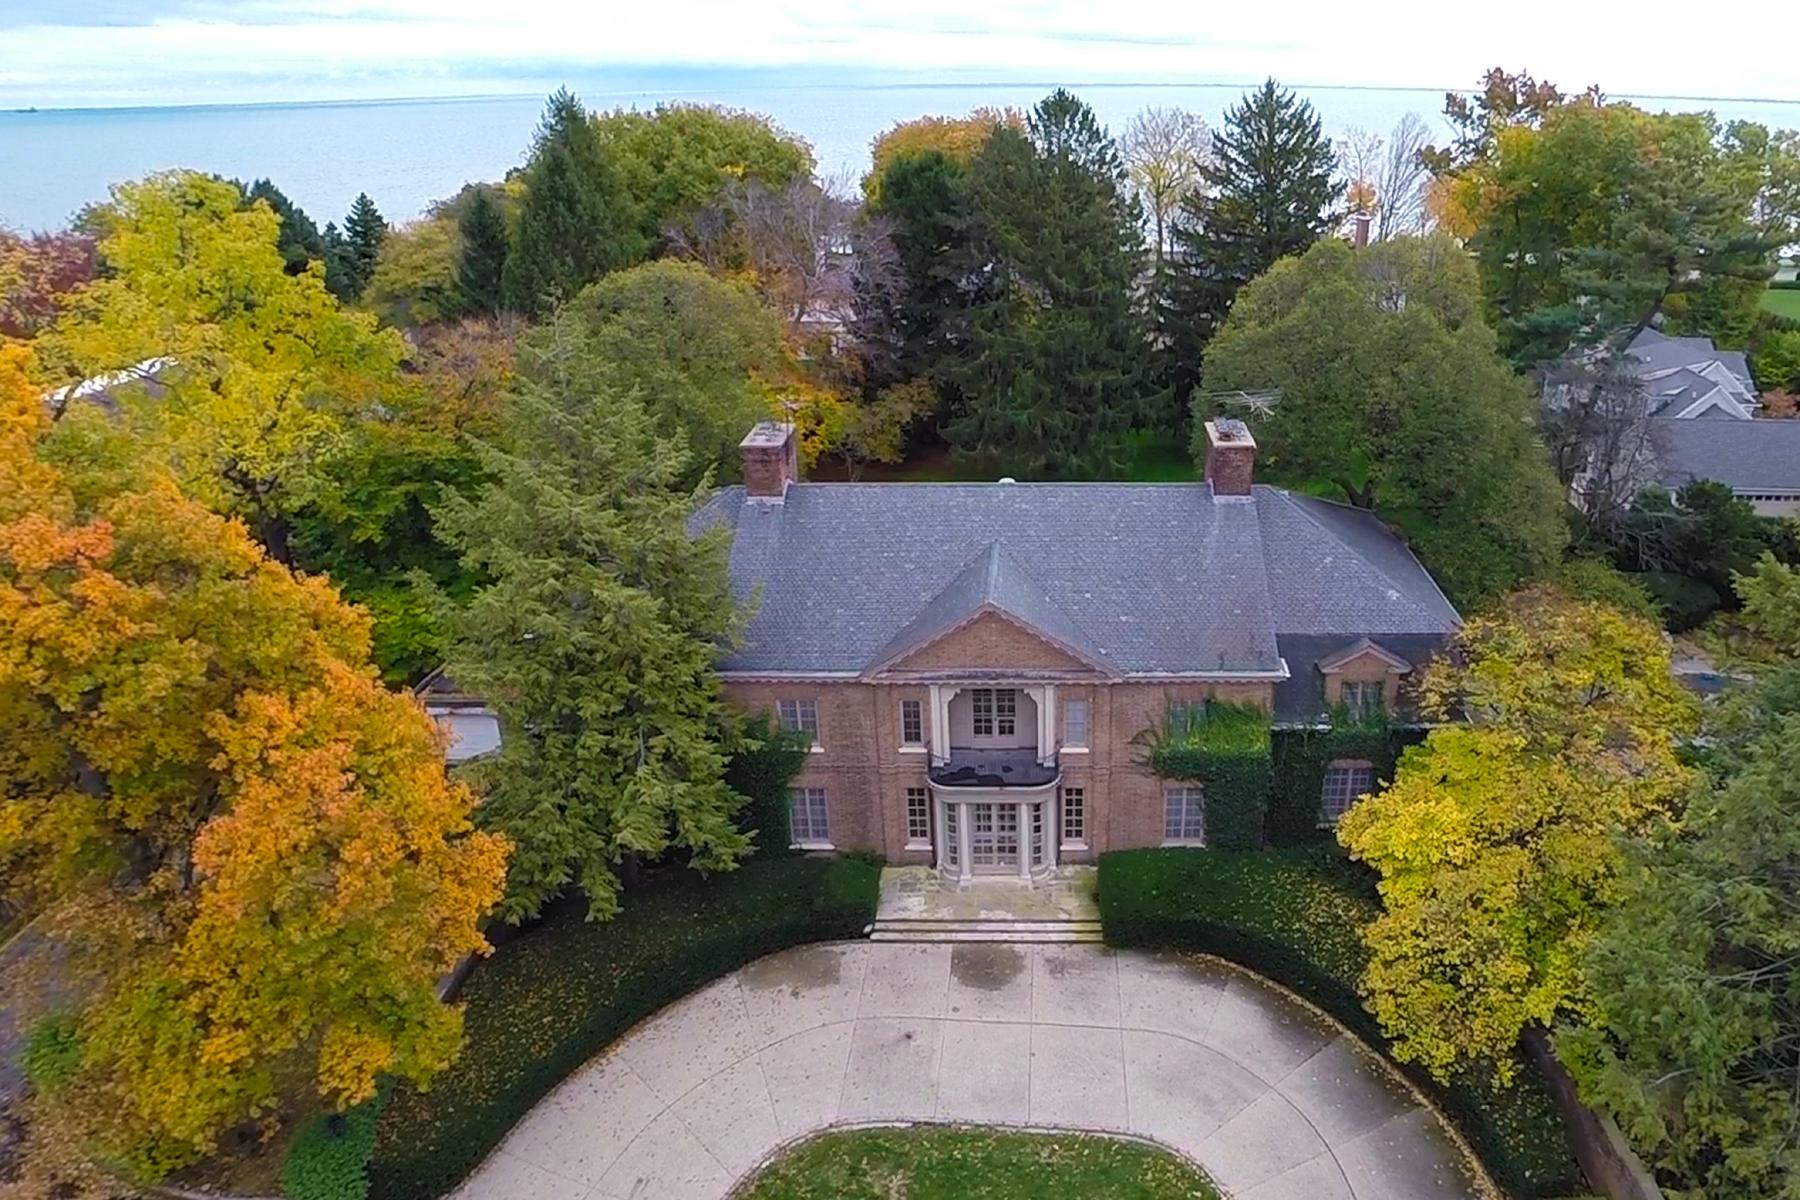 Maison unifamiliale pour l Vente à Grosse Pointe Farms 30-A Preston Grosse Pointe Farms, Michigan, 48236 États-Unis